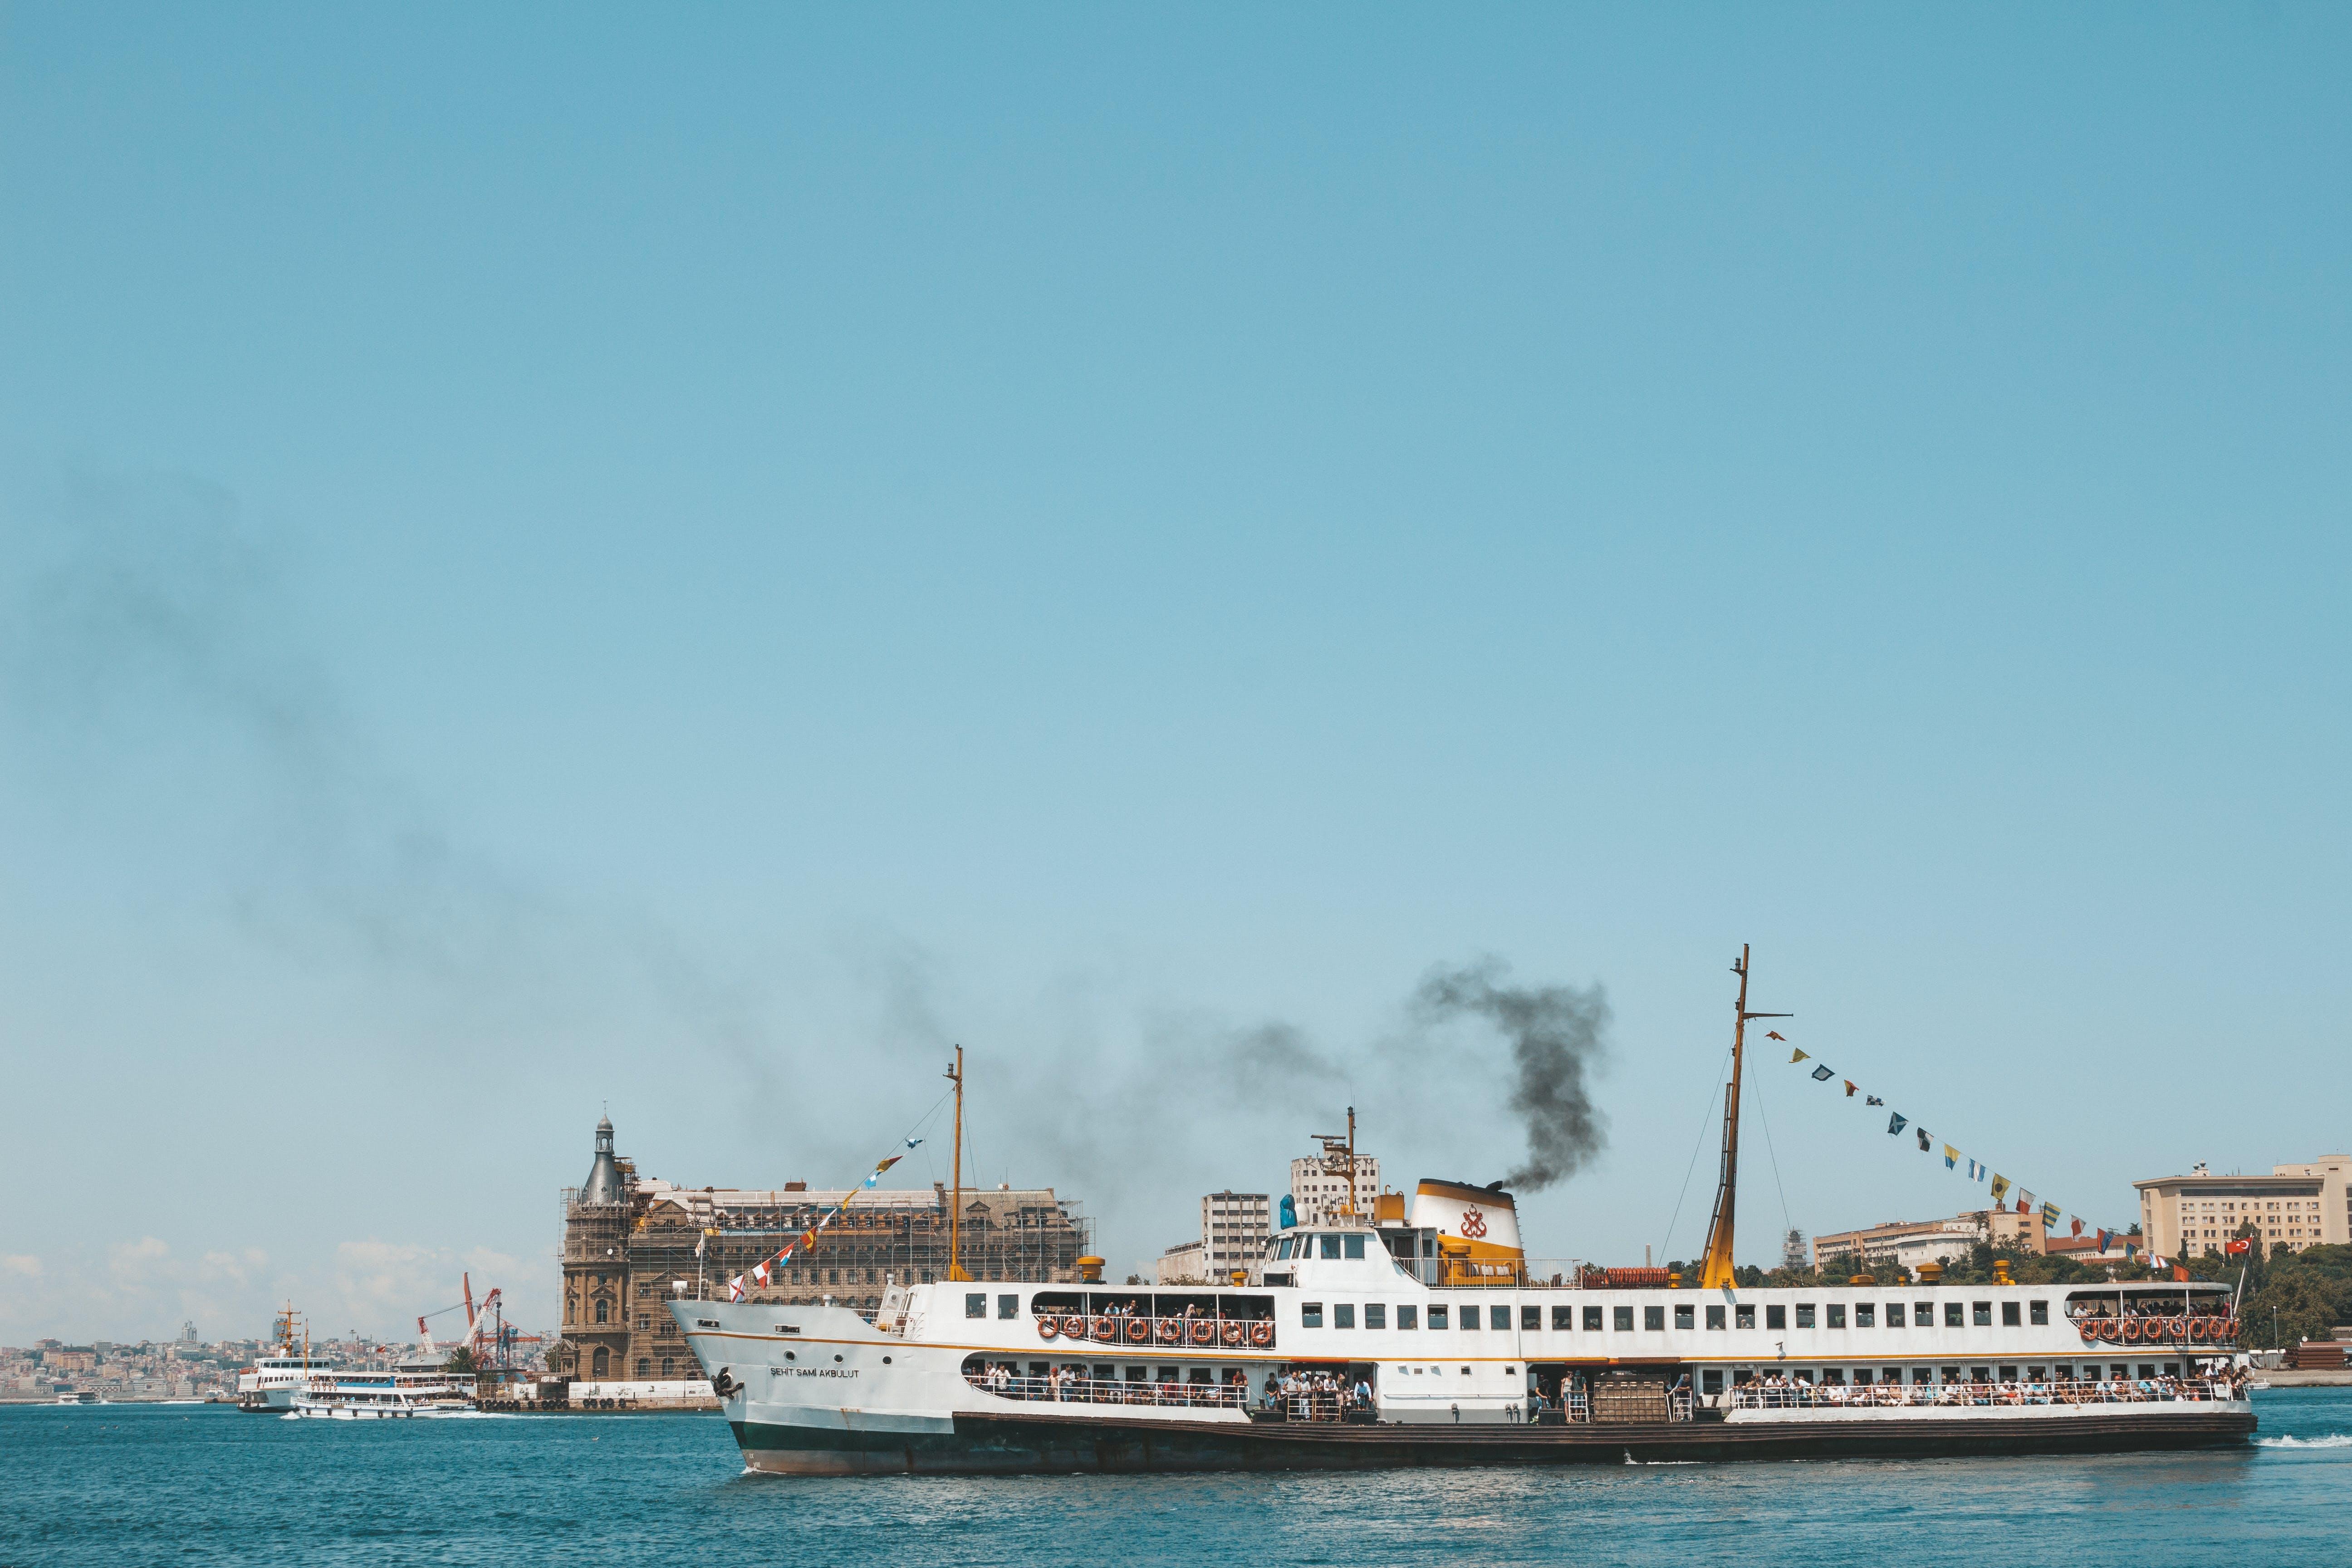 White Ship on Calm Sea